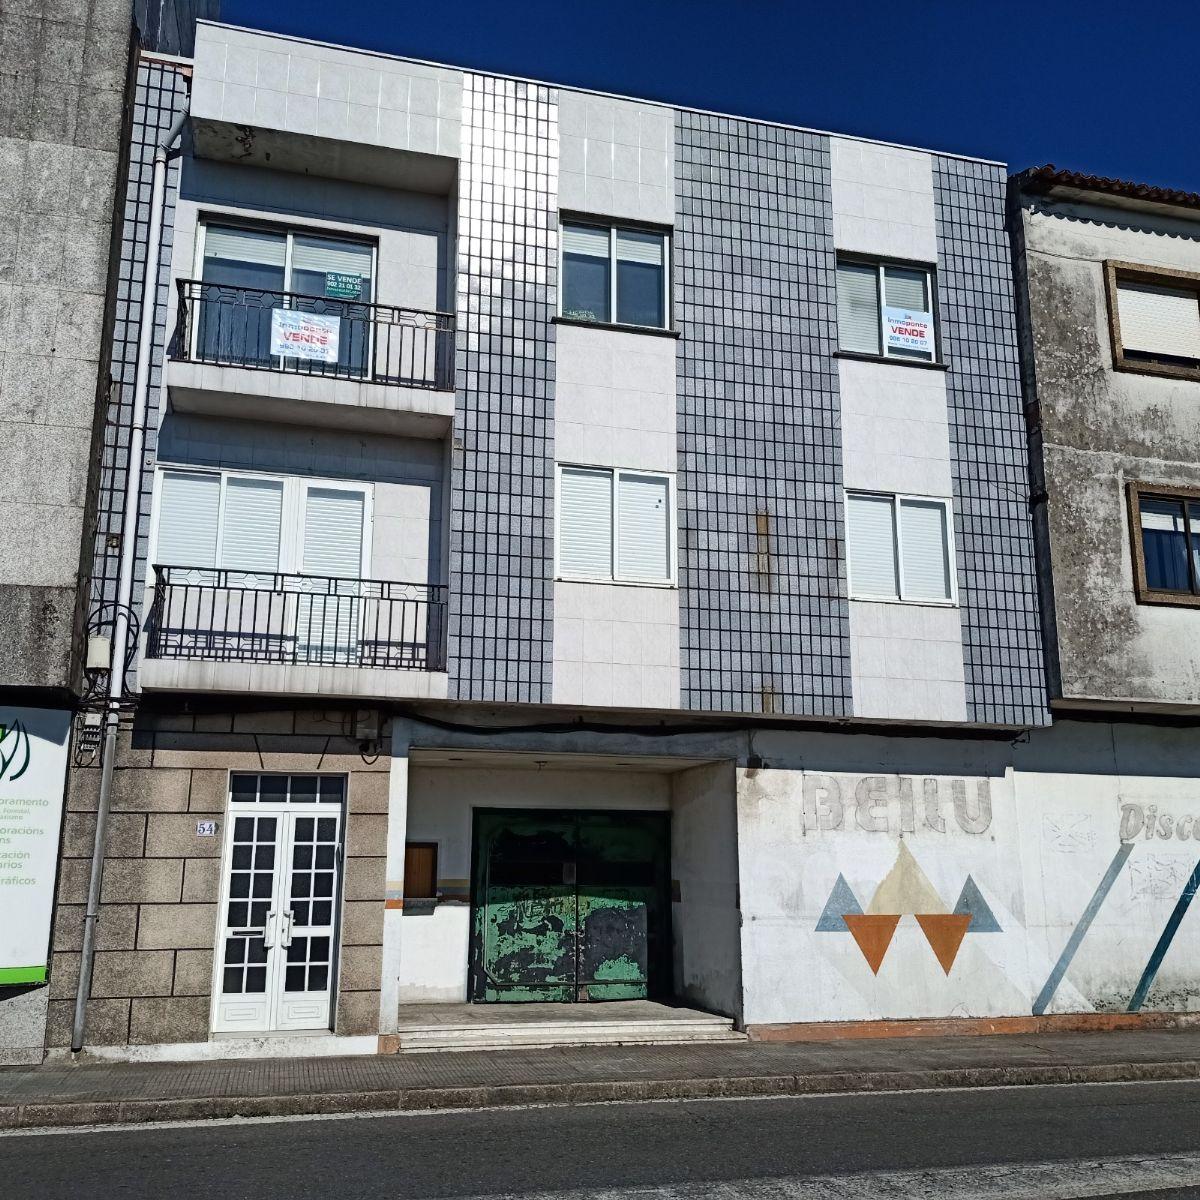 Piso en venta en Cambados, Pontevedra, Avenida de Vilagarcia, 50.000 €, 3 habitaciones, 1 baño, 100 m2